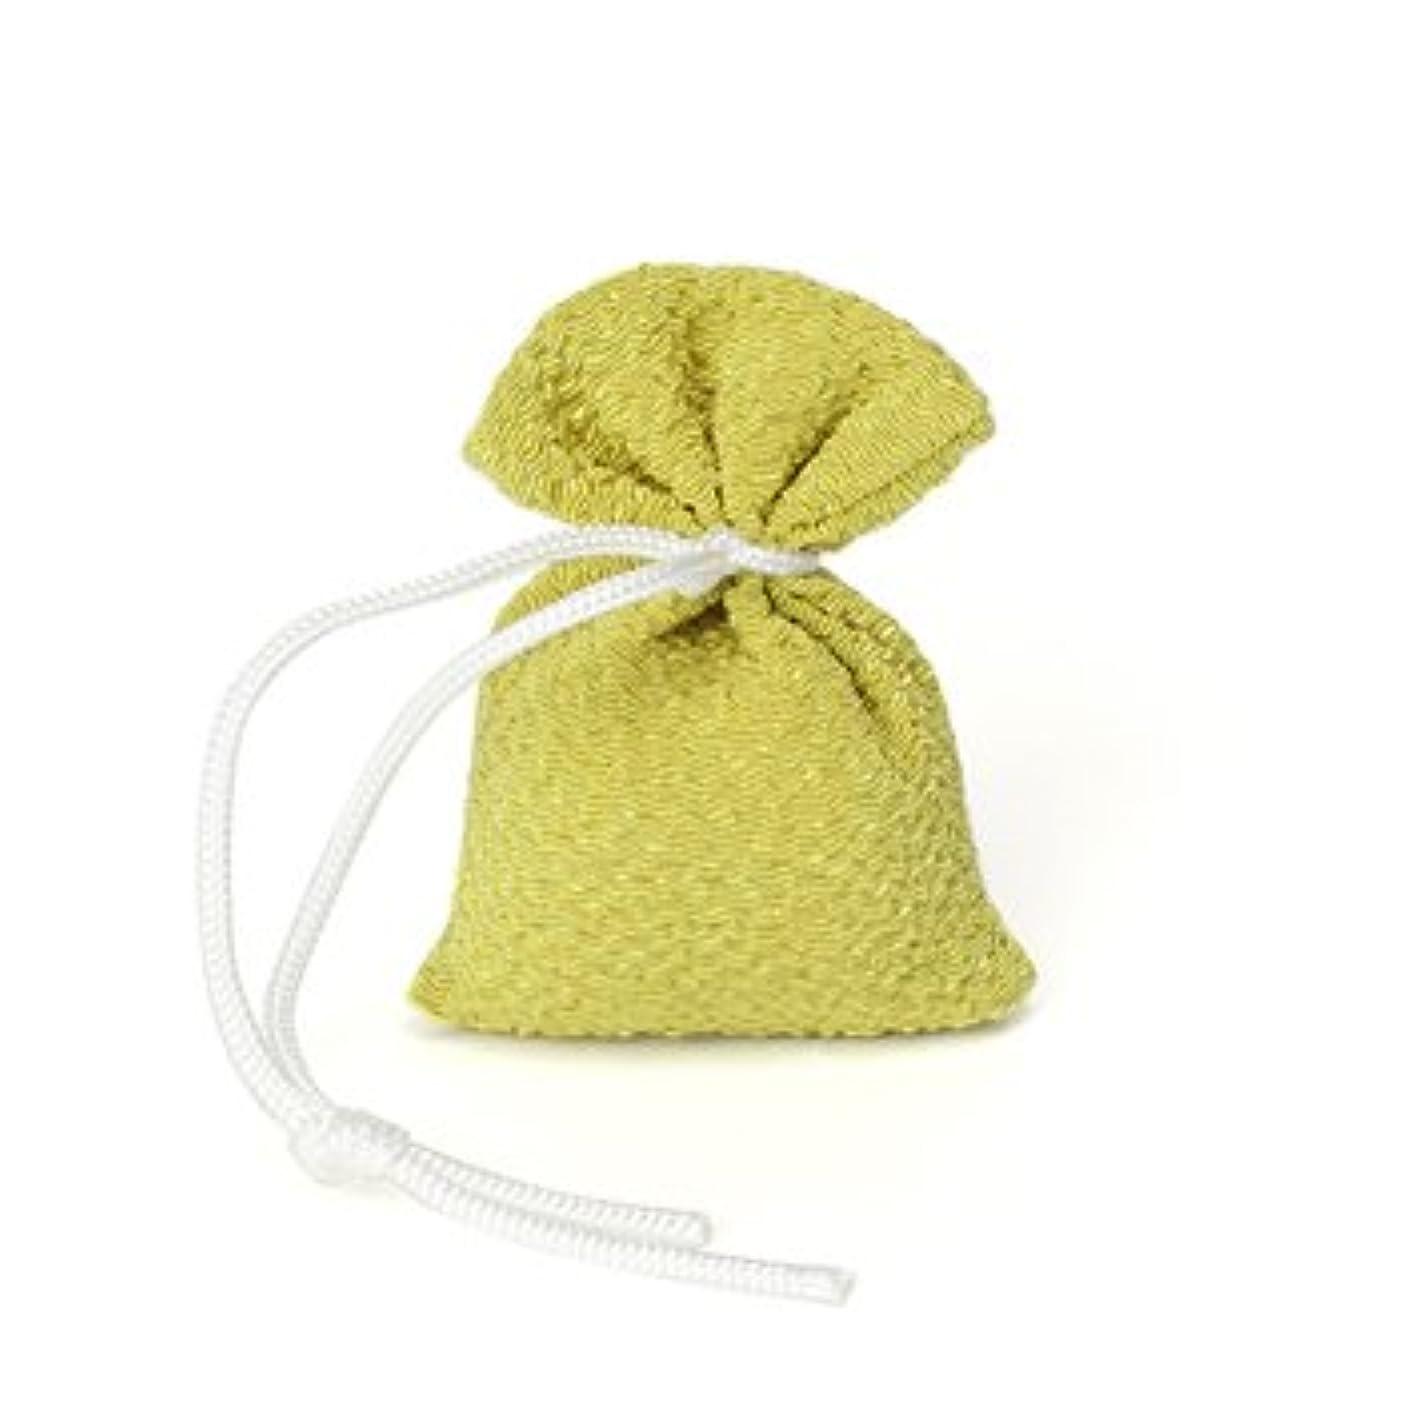 すぐにおばあさんプロペラ松栄堂 匂い袋 誰が袖 携帯用 1個入 ケースなし (色をお選びください) (抹茶)